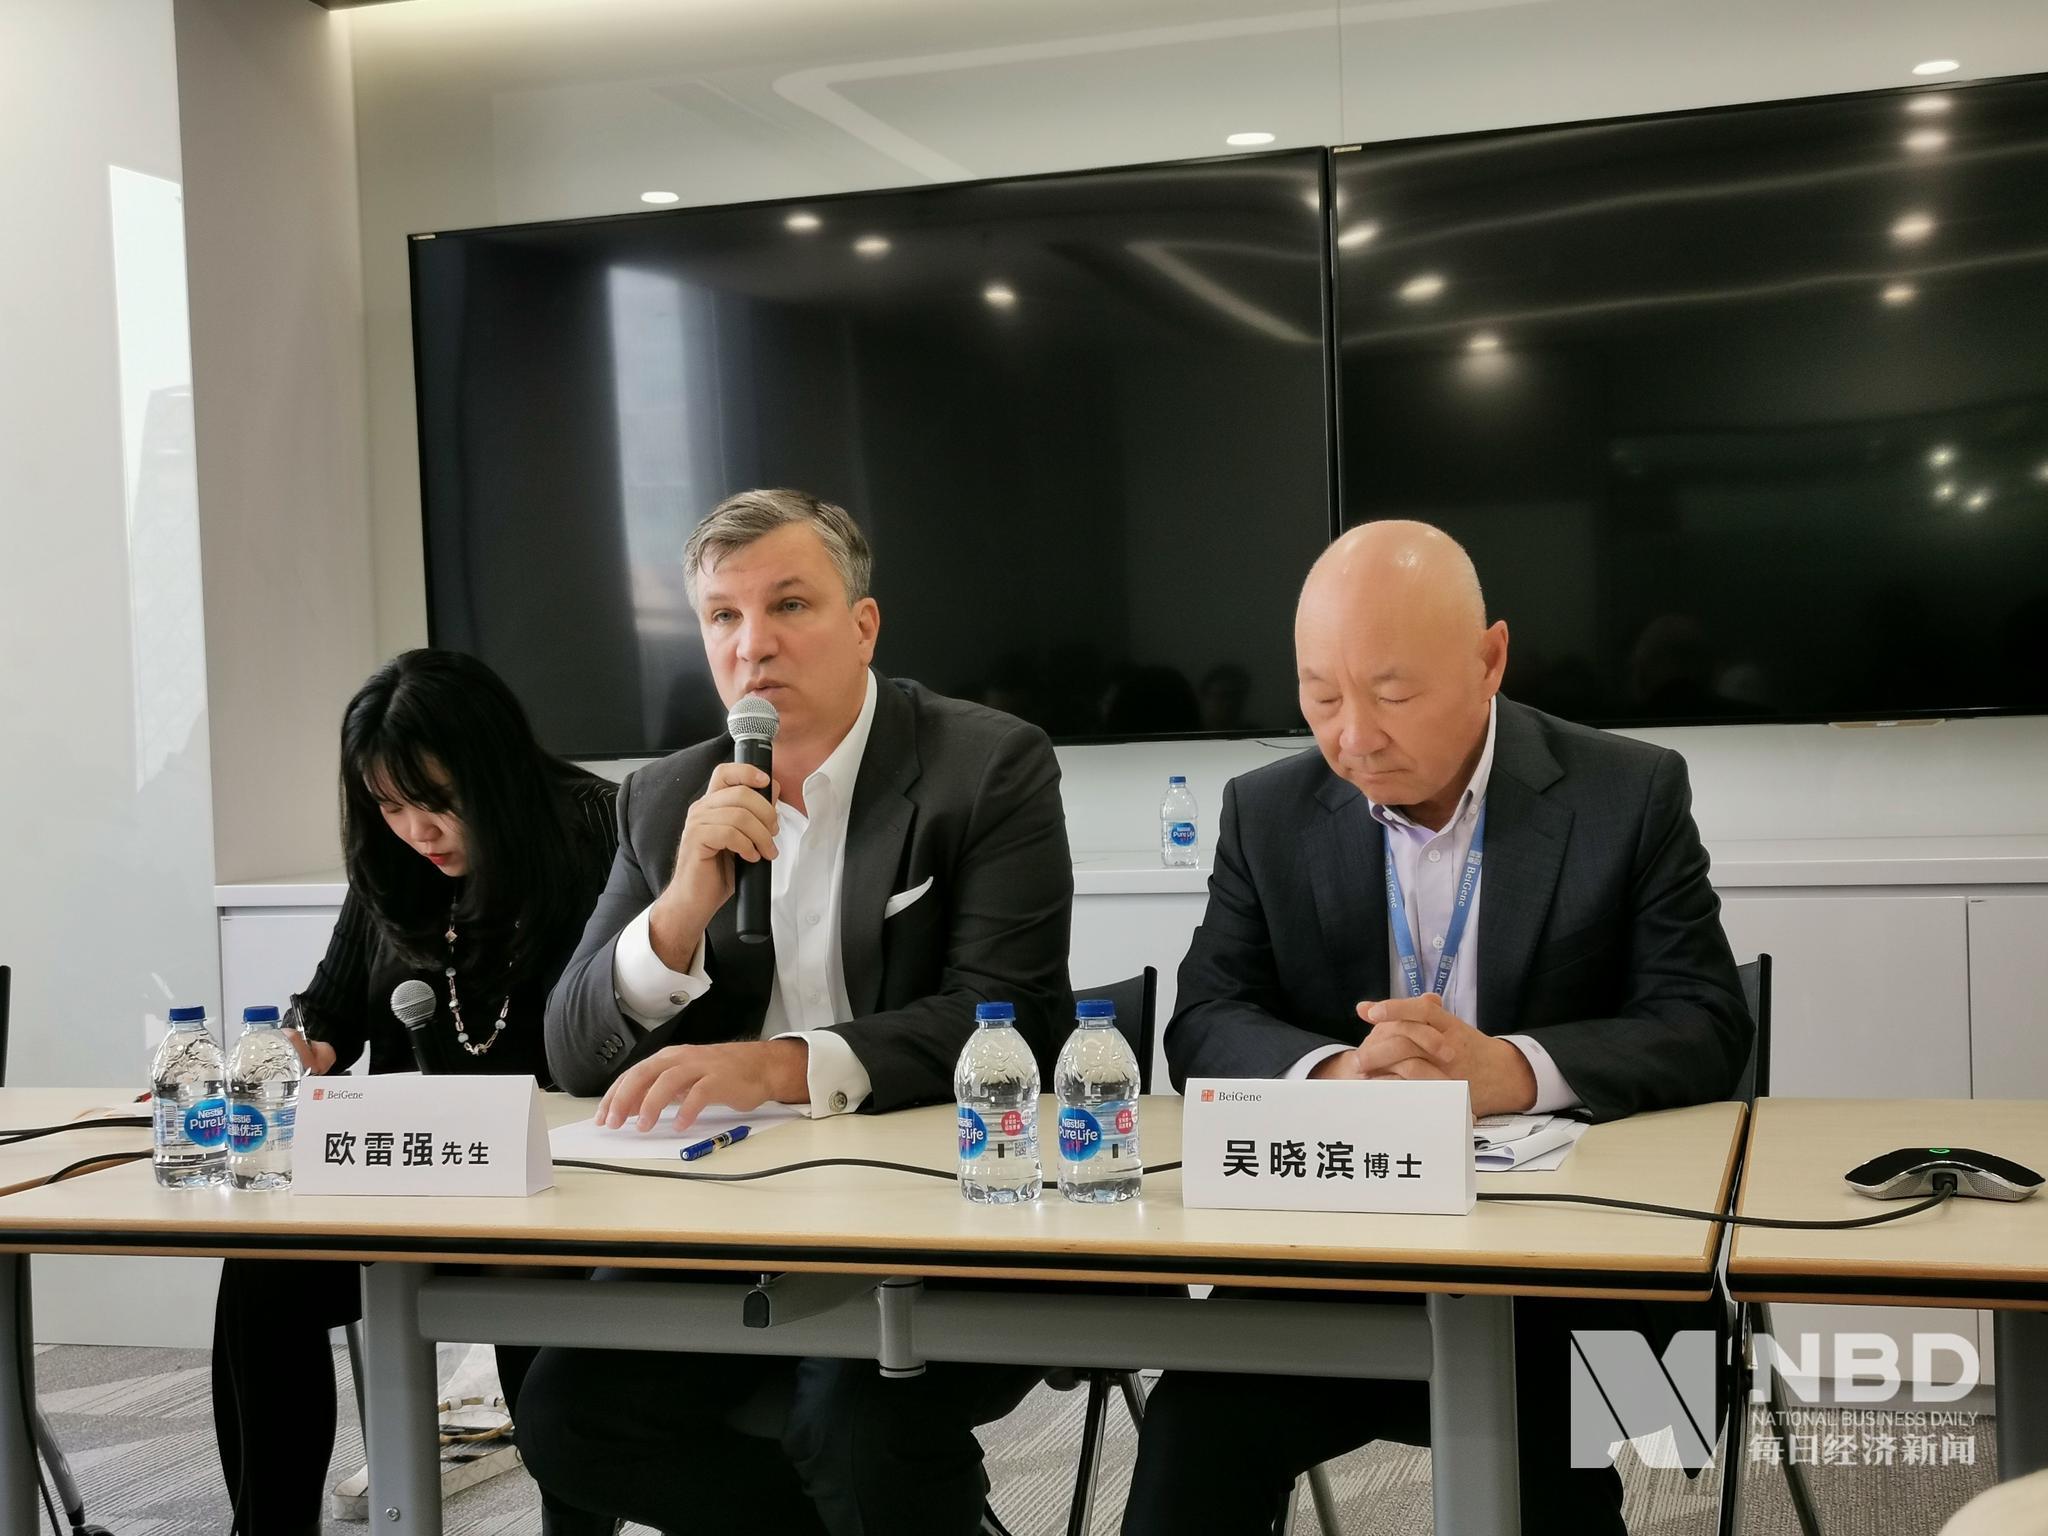 海岛赌场官网_从超1700亿港元市值跌至28.5亿 思捷环球只用了12年